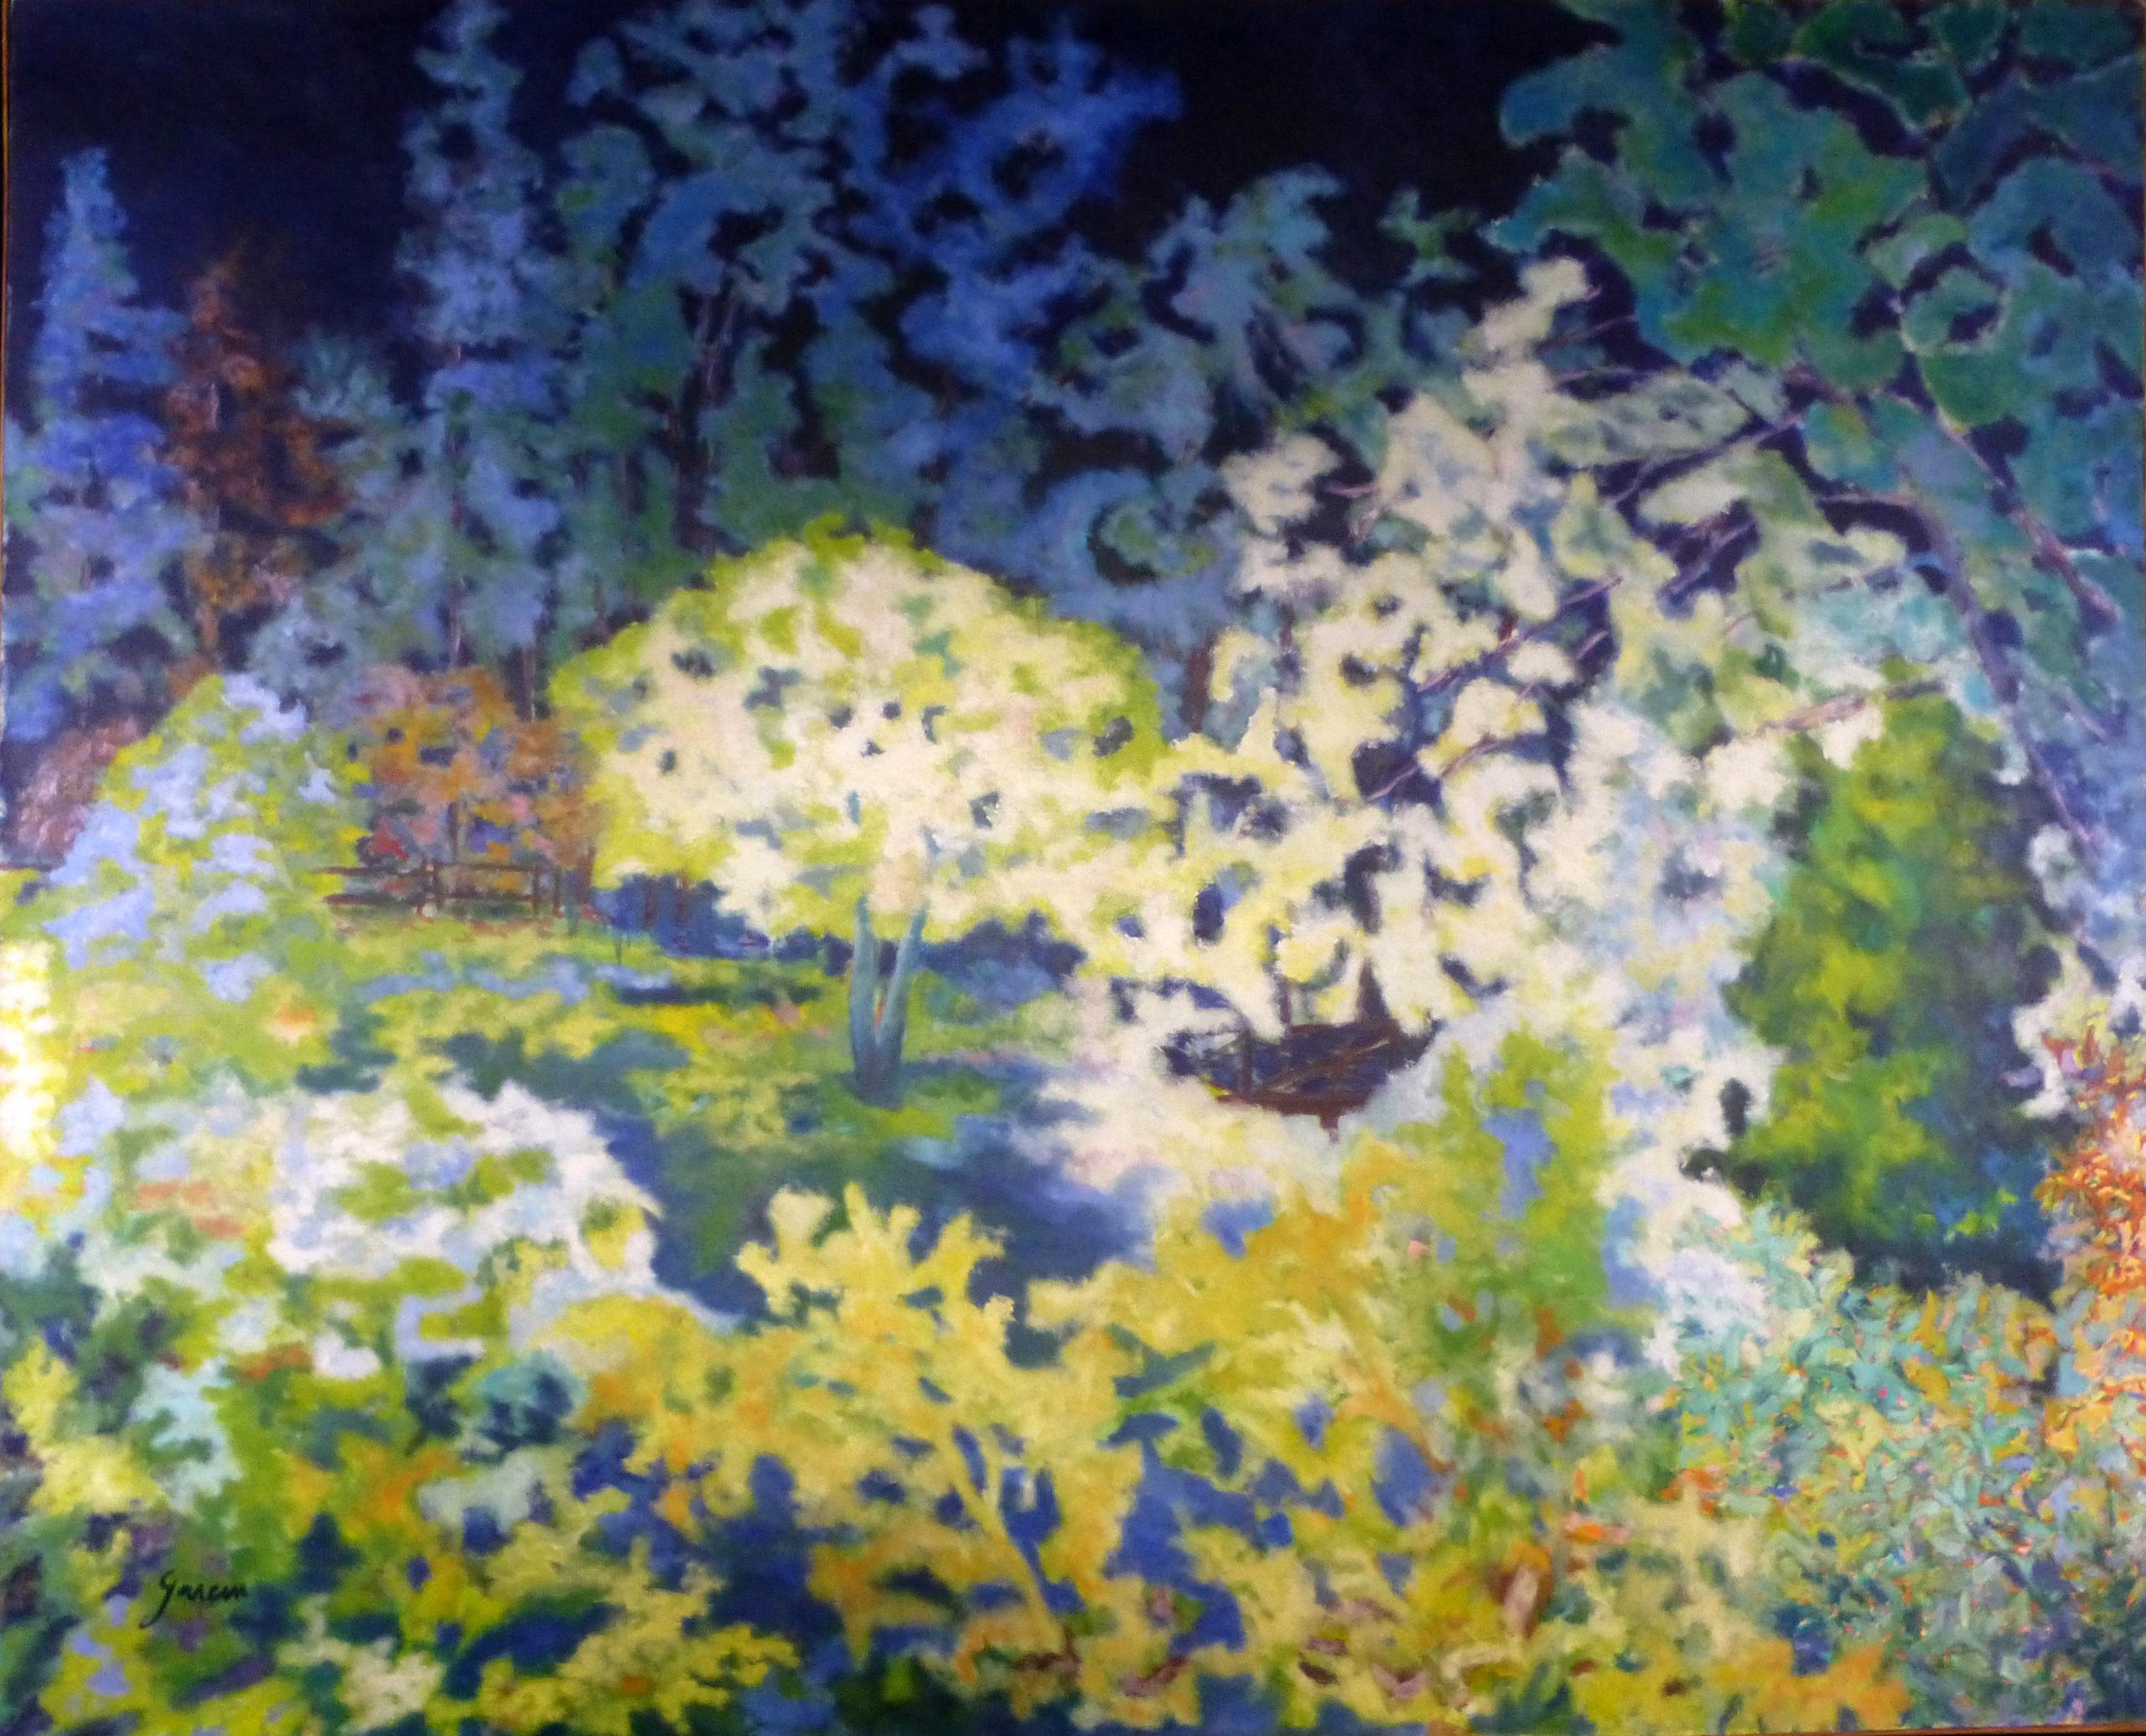 Paysage de nuit, 1989, huile sur toile 130 X 107 cm